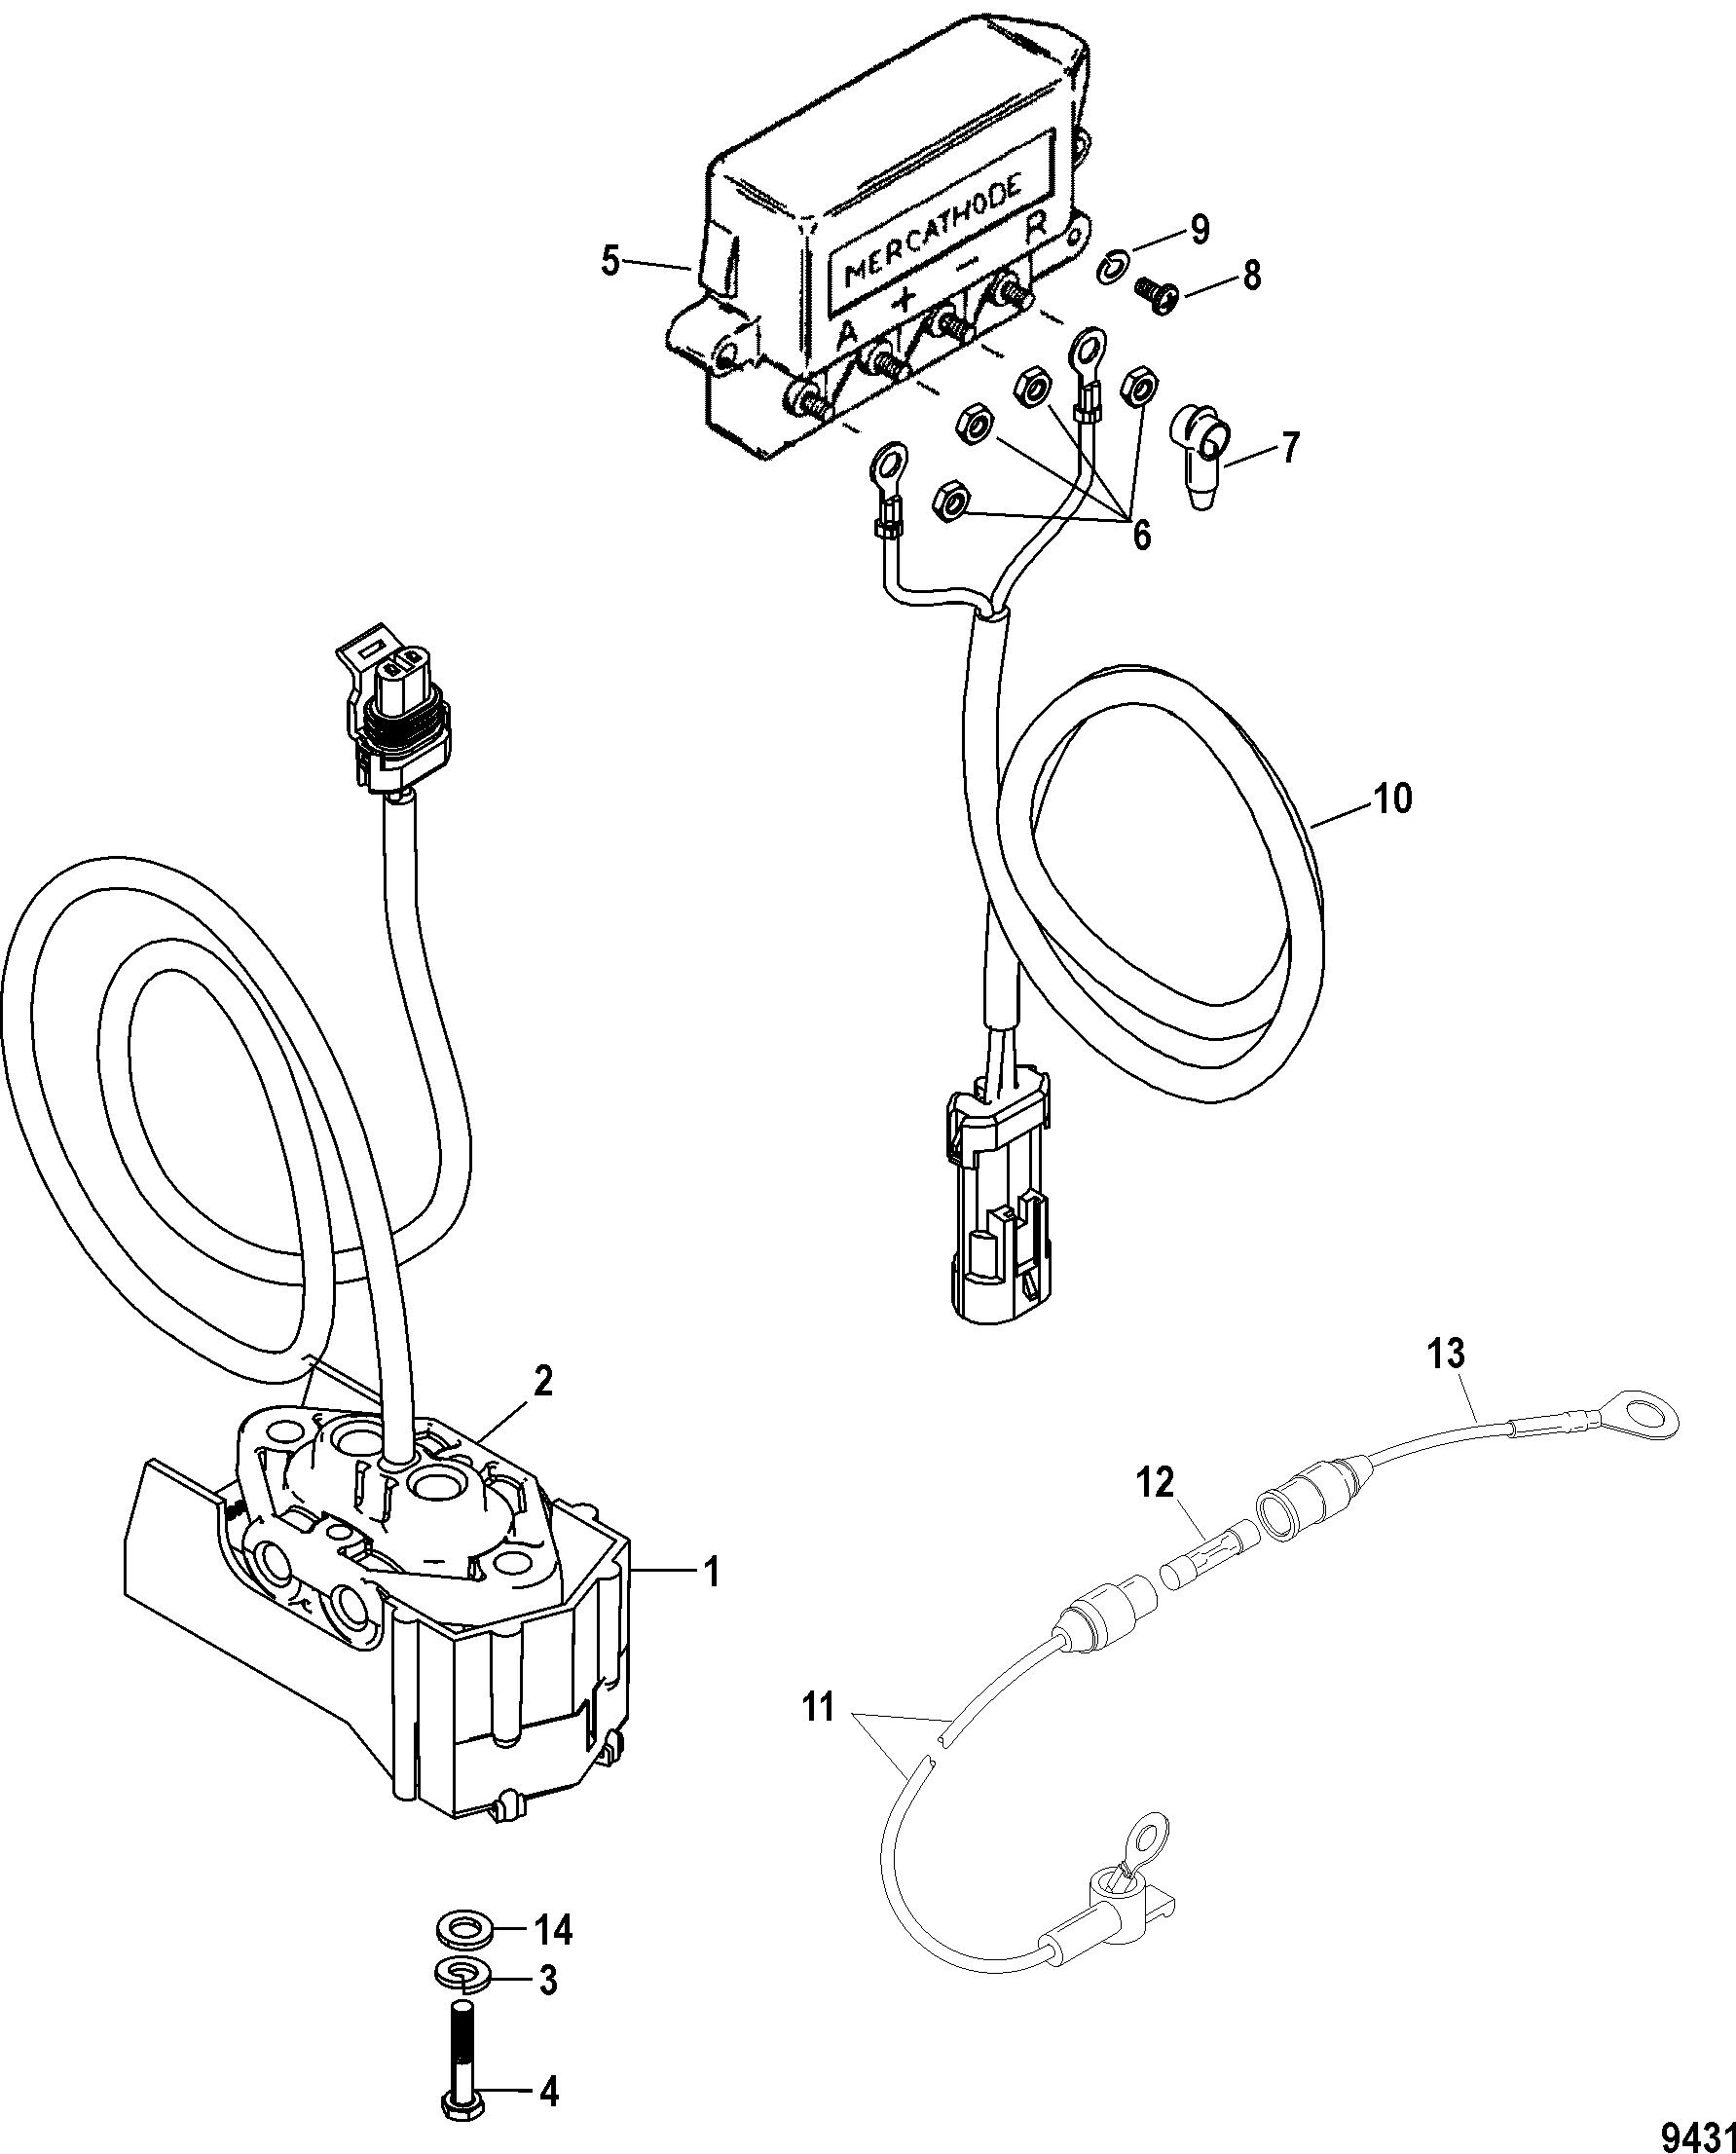 hight resolution of mercathode wiring diagram wiring diagram portal 7 4 mercruiser cooling system diagram mercathode wiring diagram